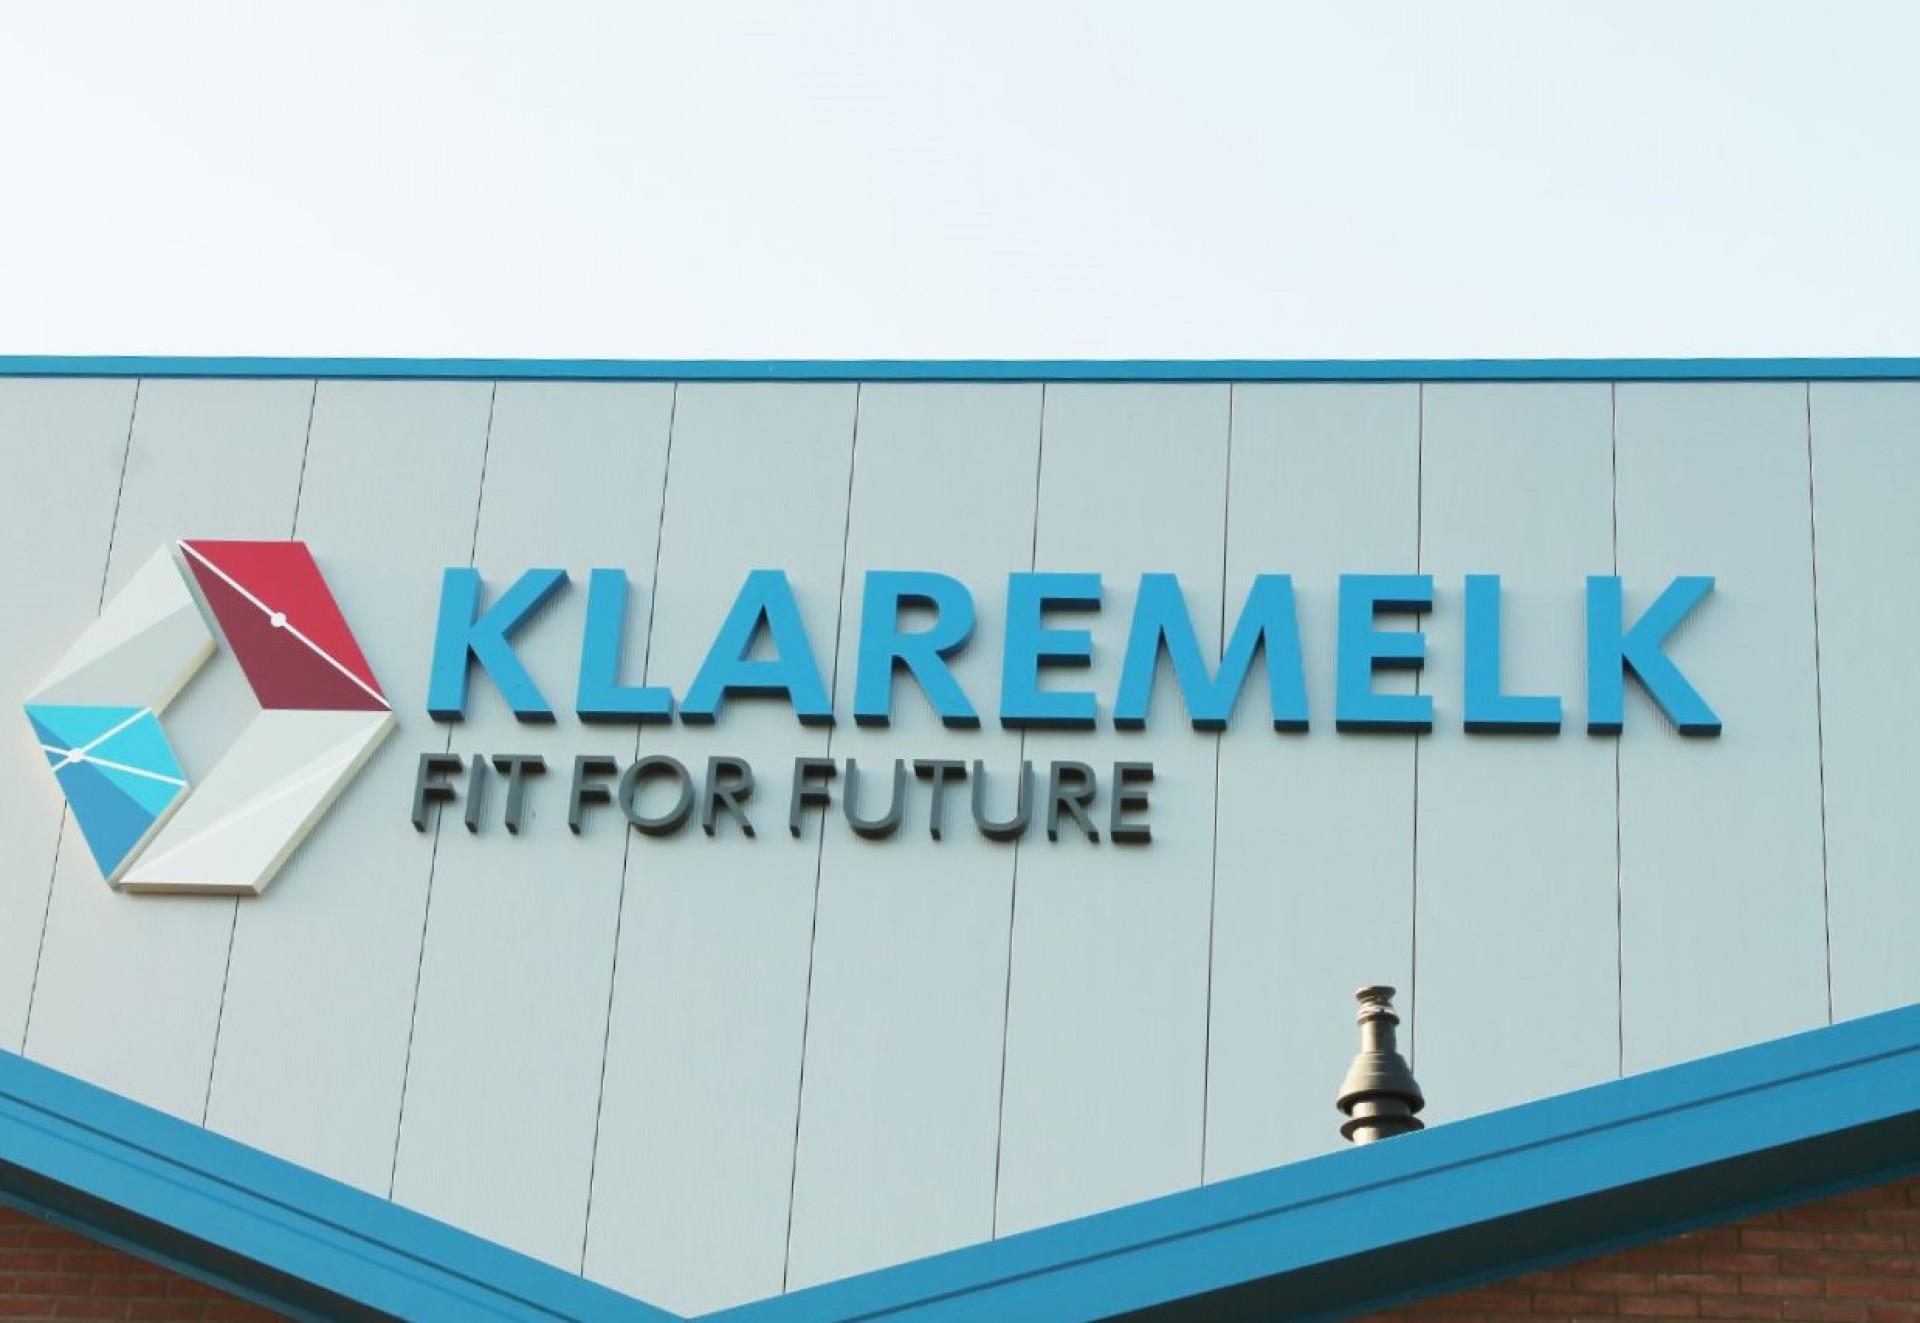 Klaremelk bouwt nieuwe mengvoerfabriek